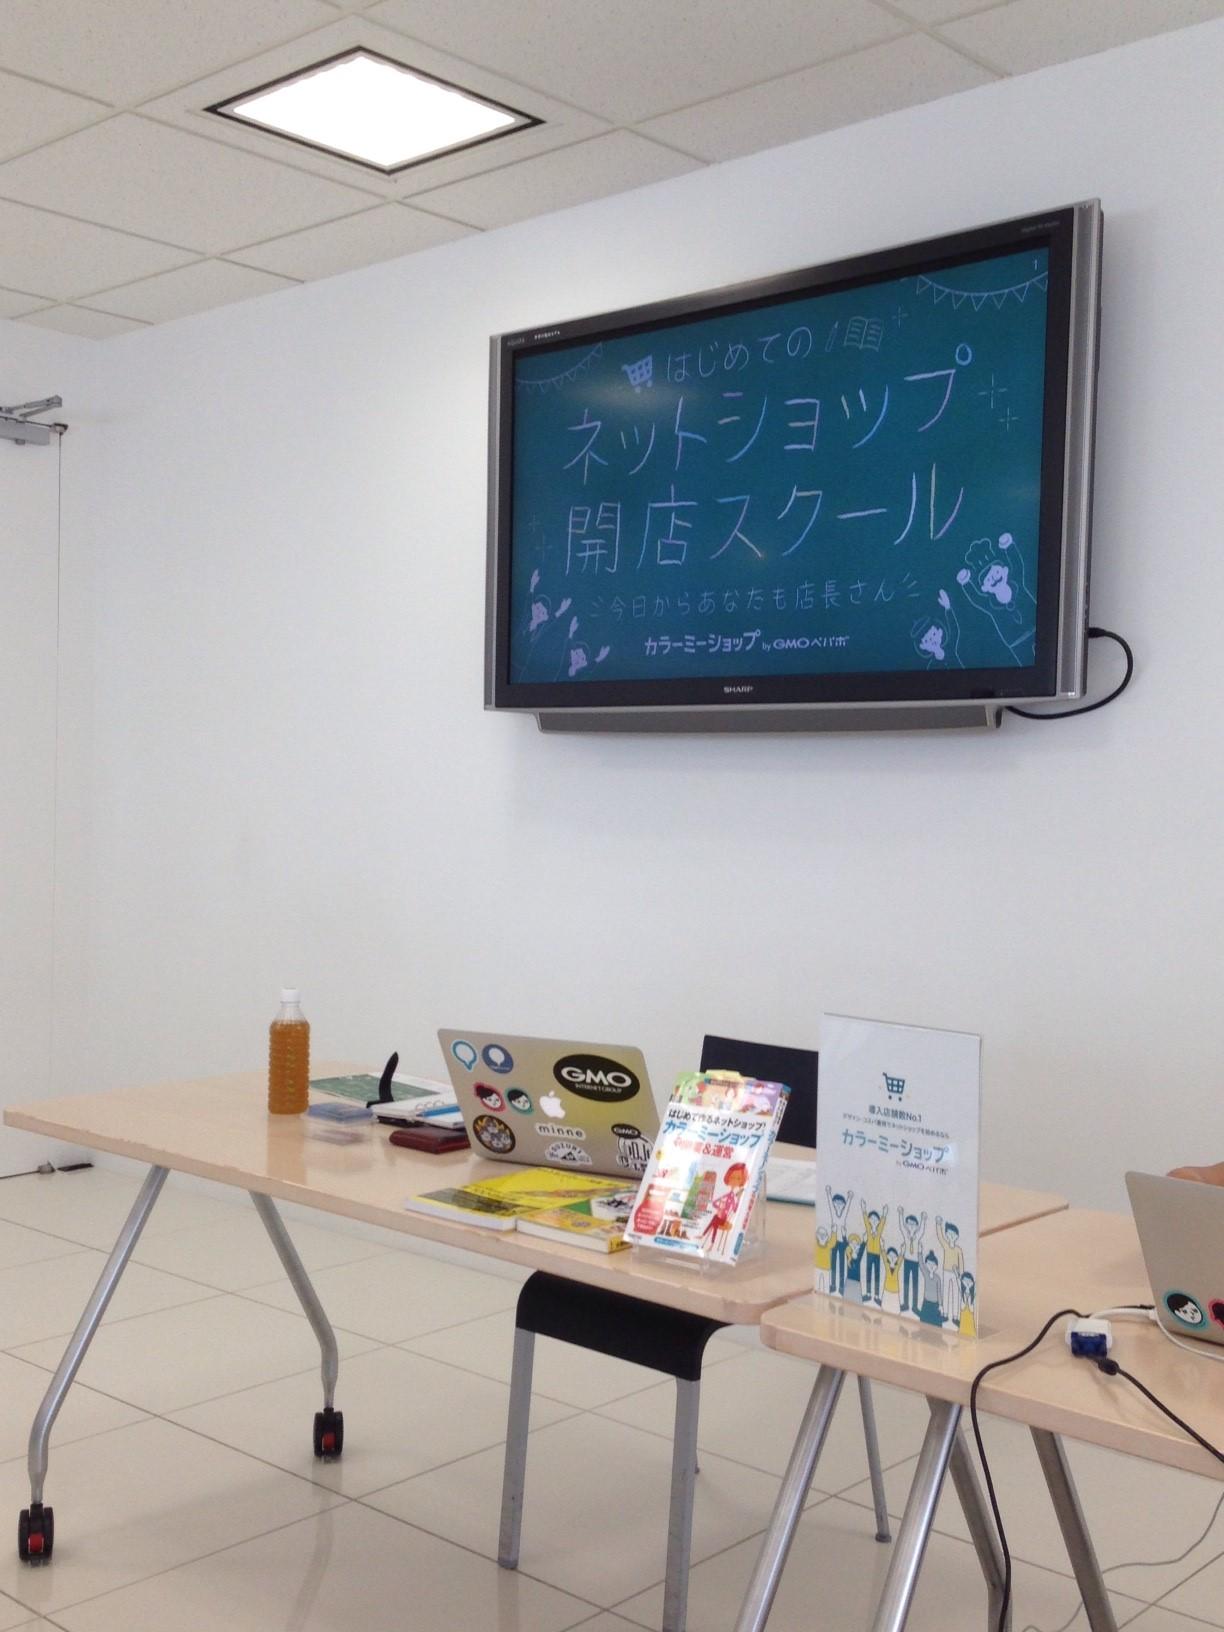 01カラーミーショップ開店スクール.JPG